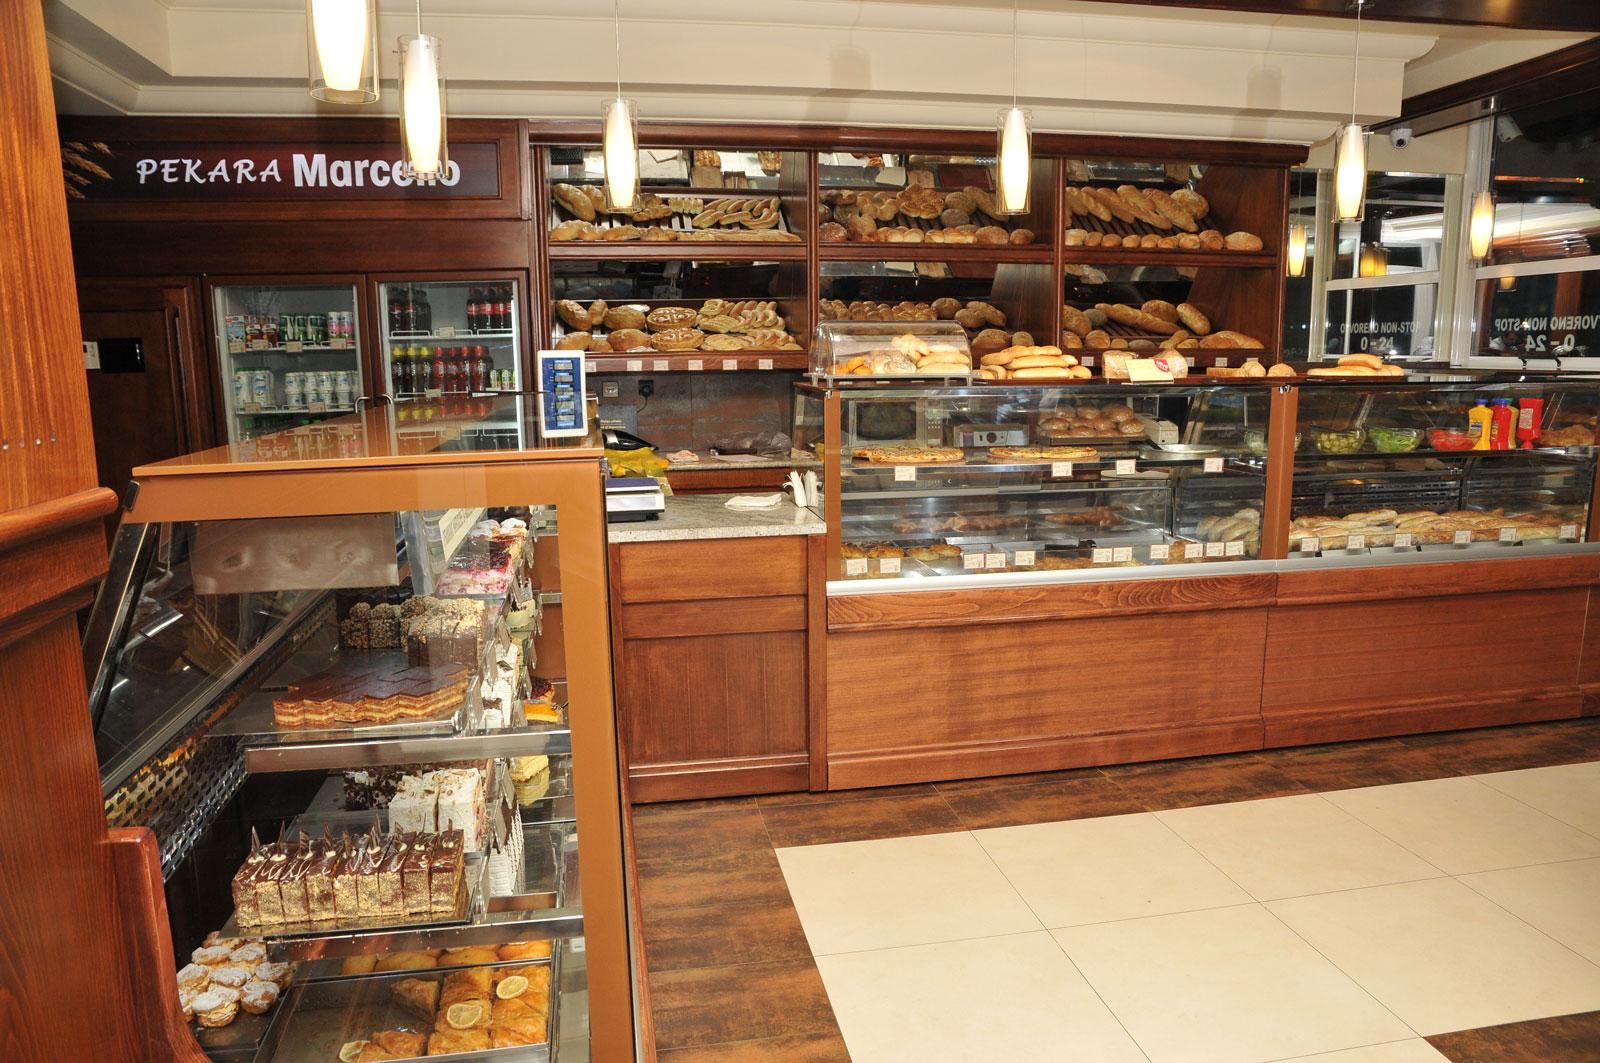 marcello06